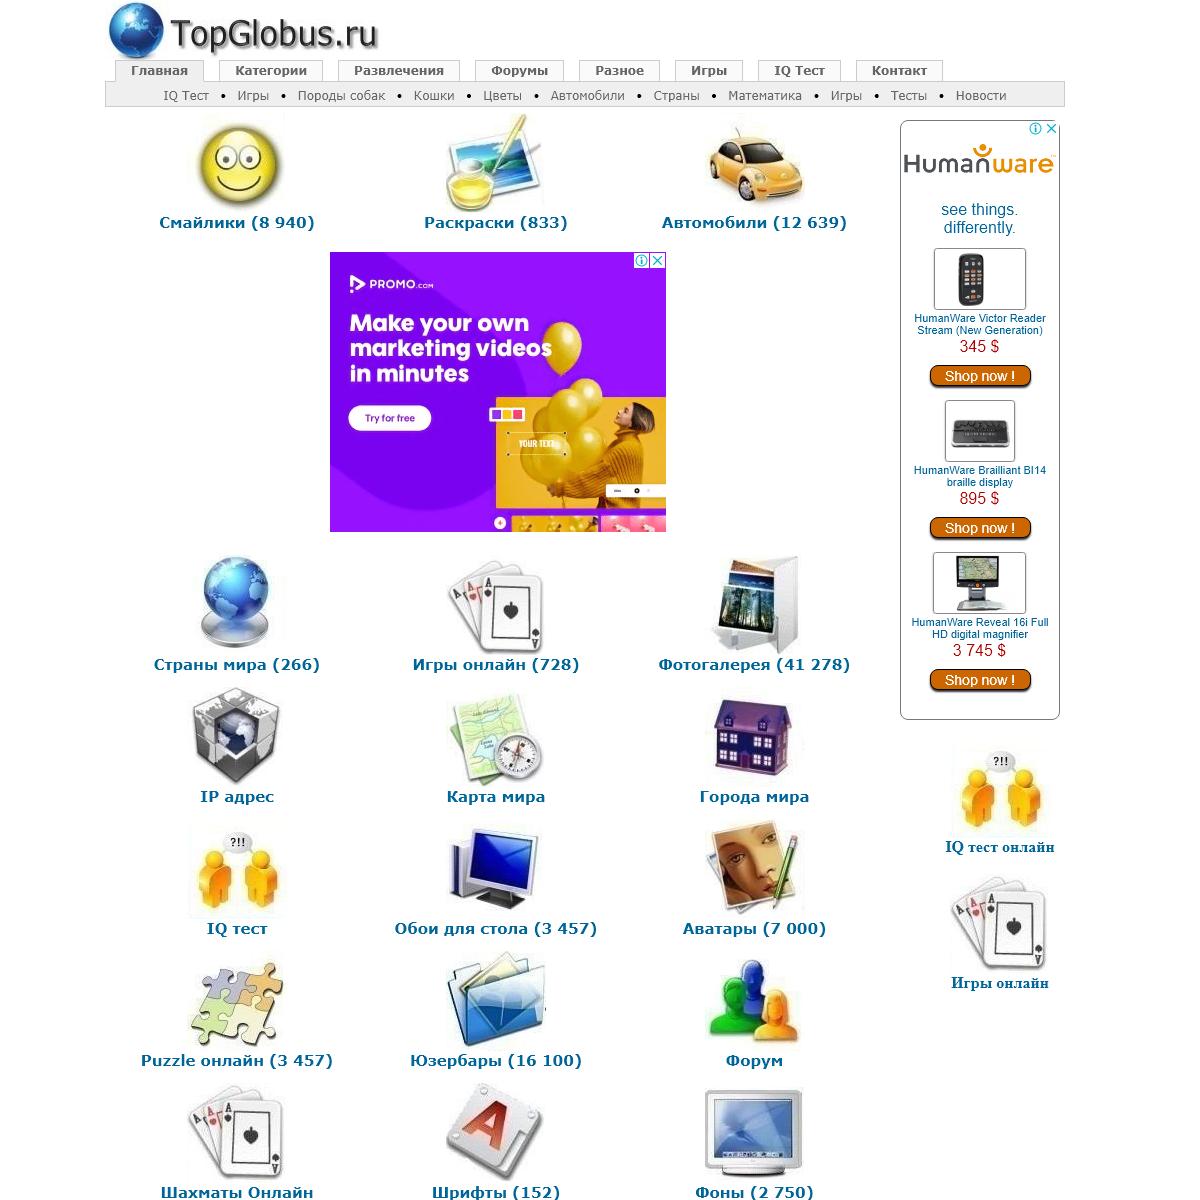 TopGlobus.ru- Смайлики, аватары, юзербары, раскраски, IQ тест, игры онлайн, авт